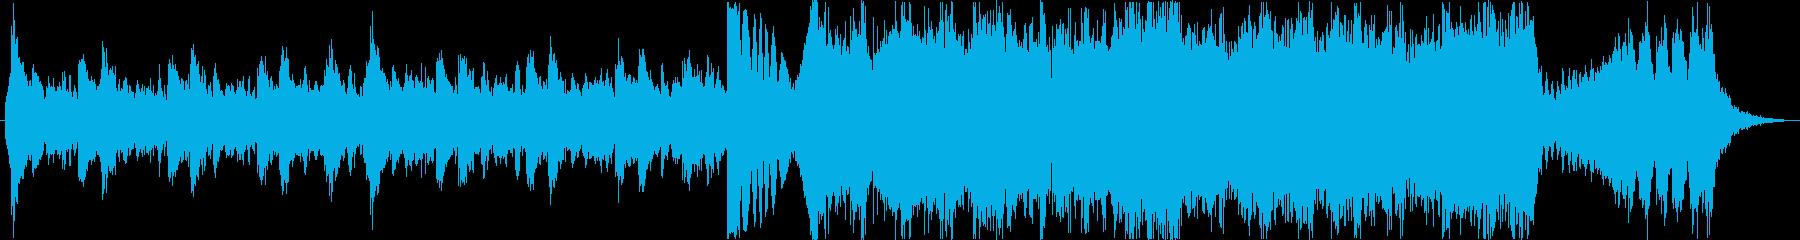 壮大なハリウッド風エピックトレーラーcの再生済みの波形